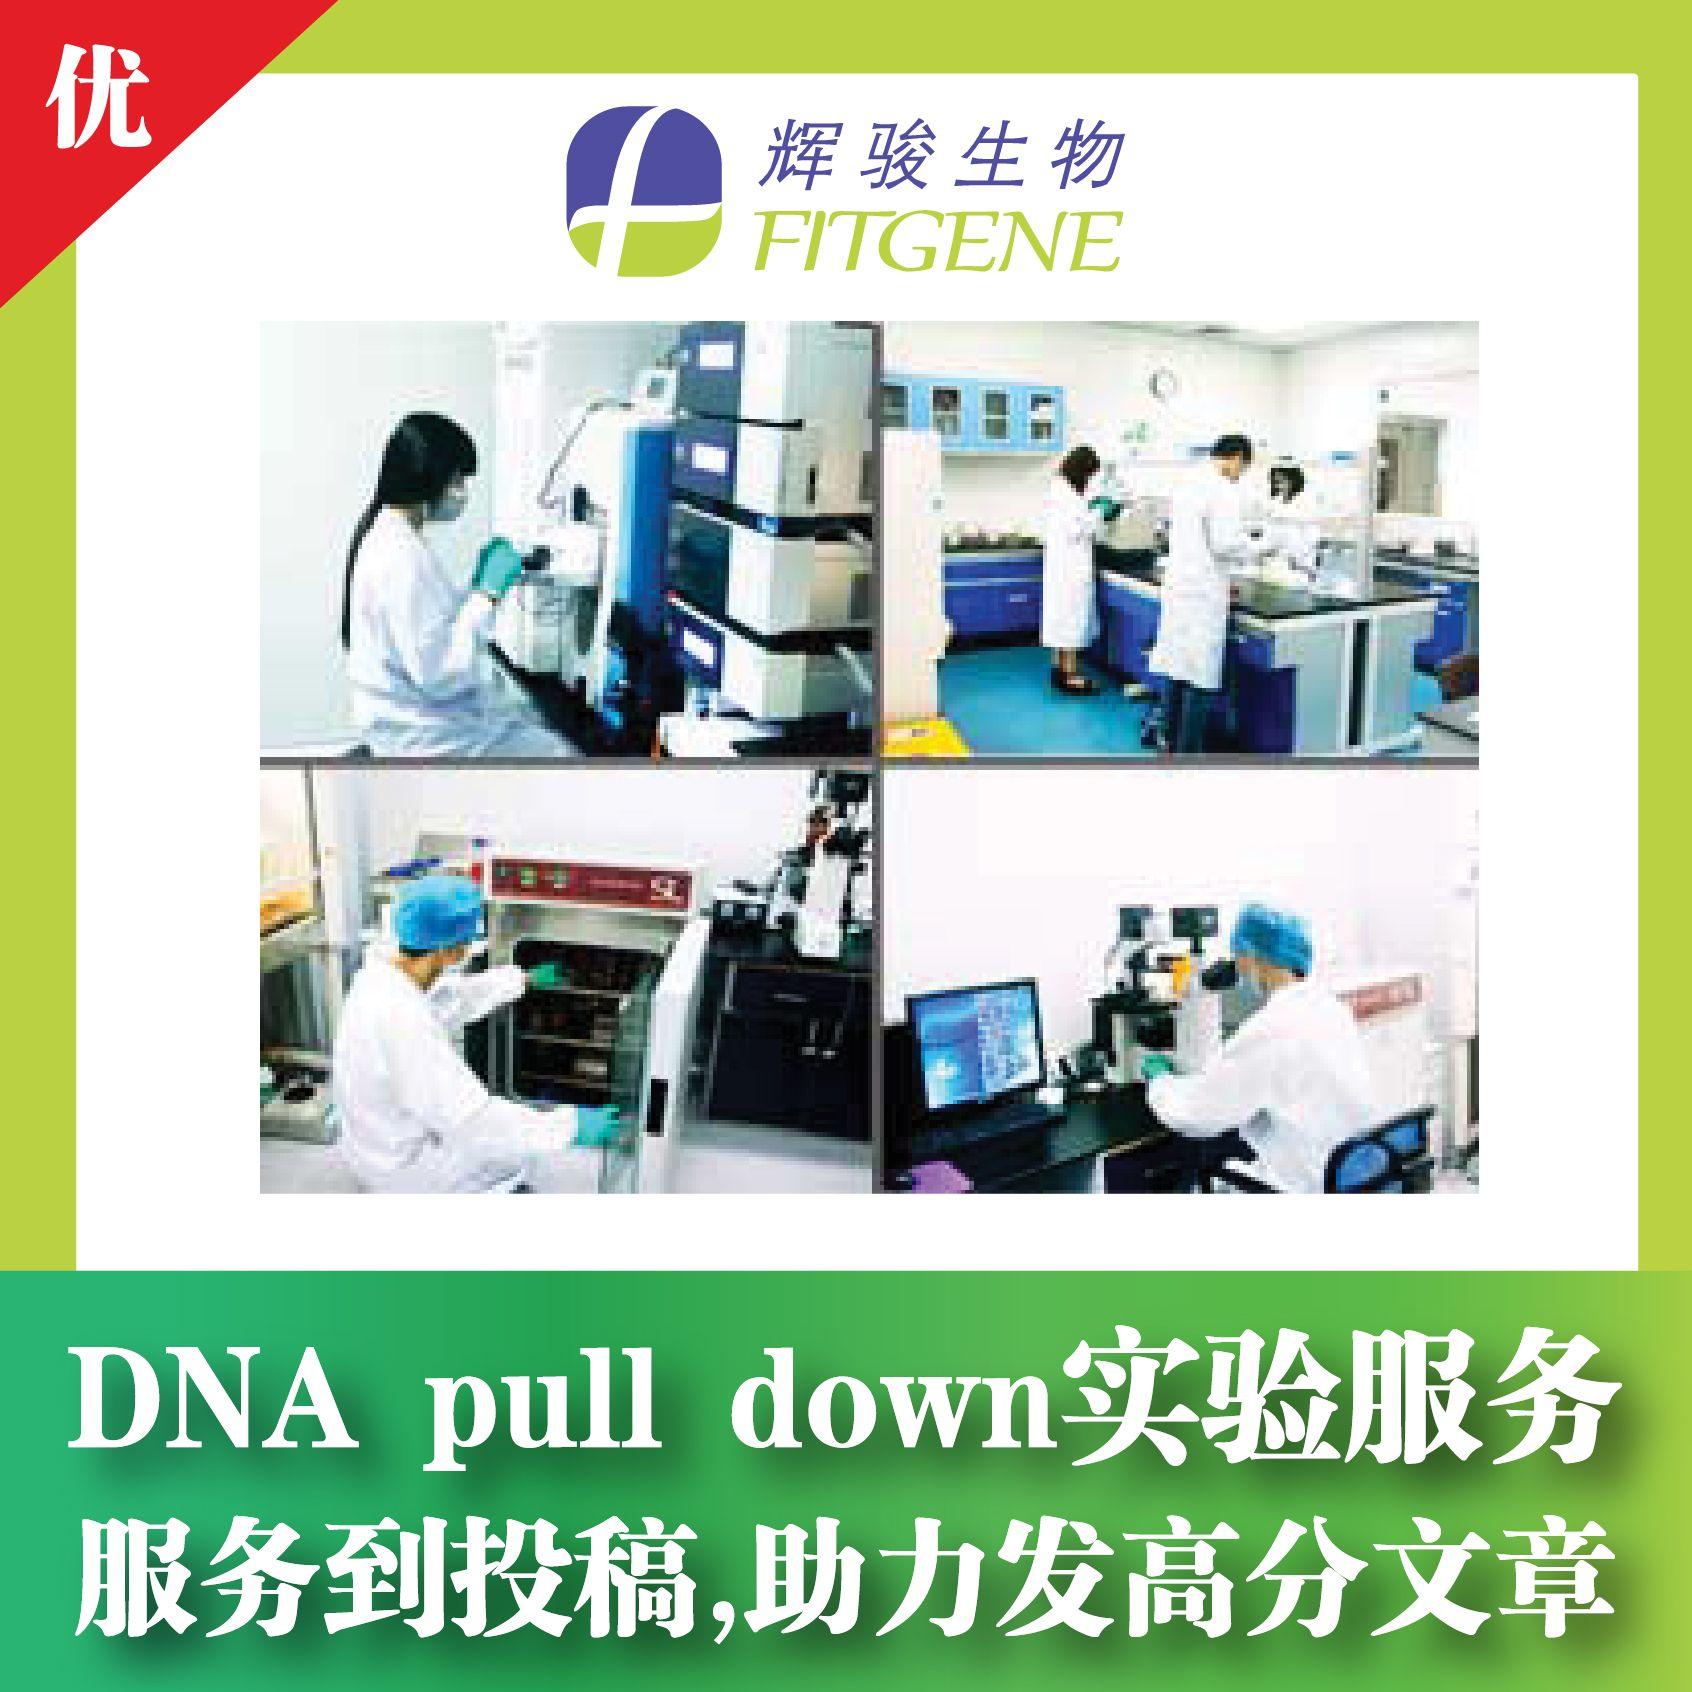 DNA pull down实验服务—经验丰富案例多 / 服务到投稿 / 价格低—辉骏生物